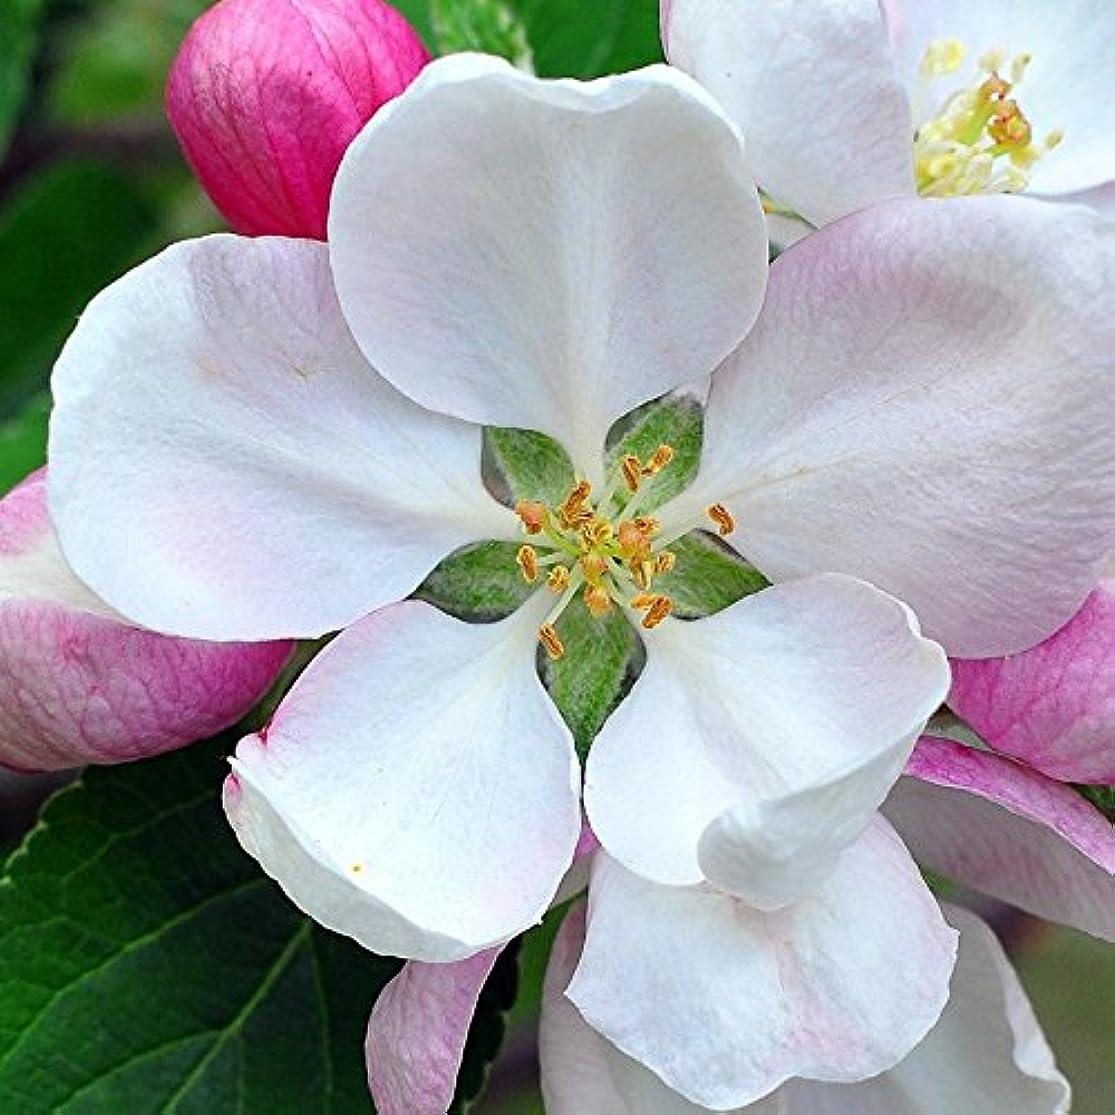 スチュワード多くの危険がある状況団結するアロマフレグランスオイル 日本モクレン(Japanese Magnolia)